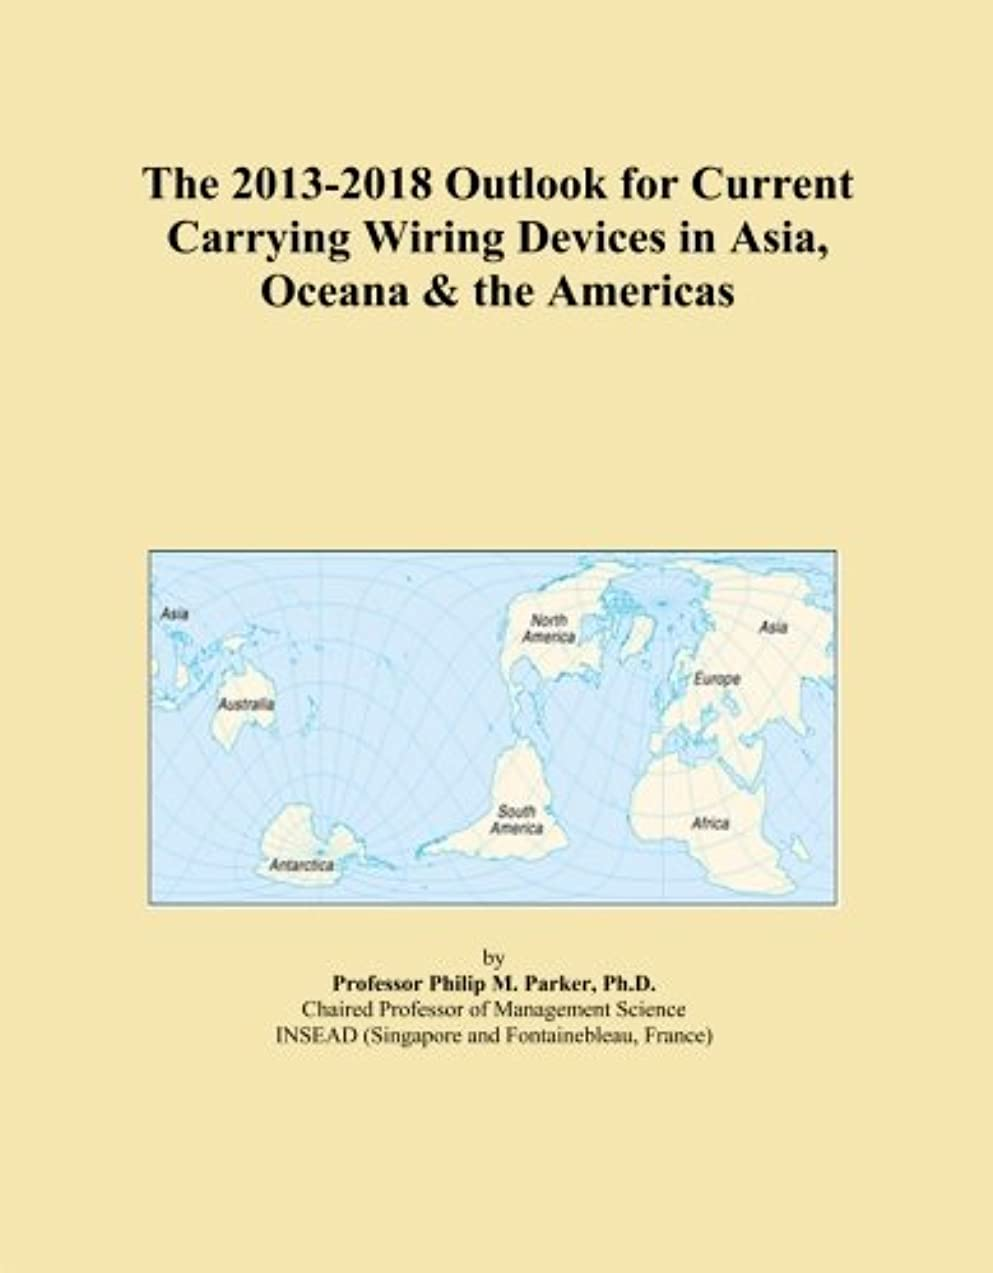 風が強い打ち上げる調整するThe 2013-2018 Outlook for Current Carrying Wiring Devices in Asia, Oceana & the Americas